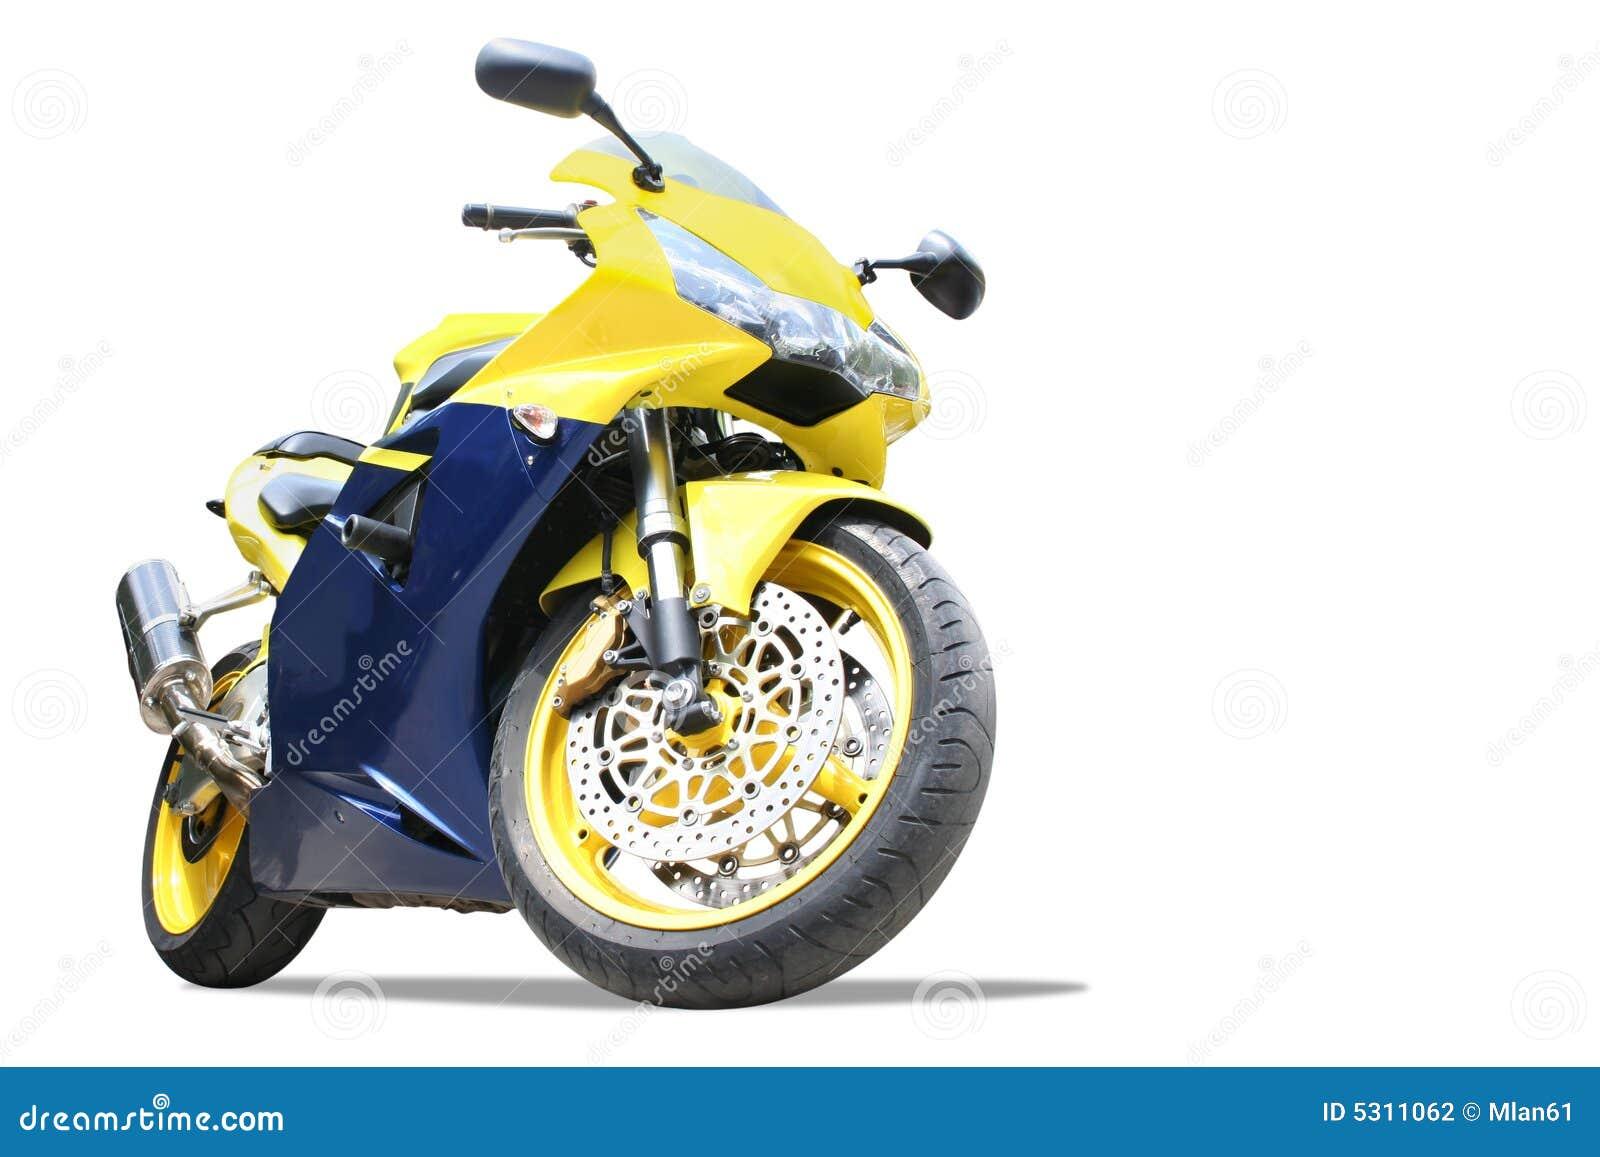 Download Motociclo isolato fotografia stock. Immagine di yellow - 5311062